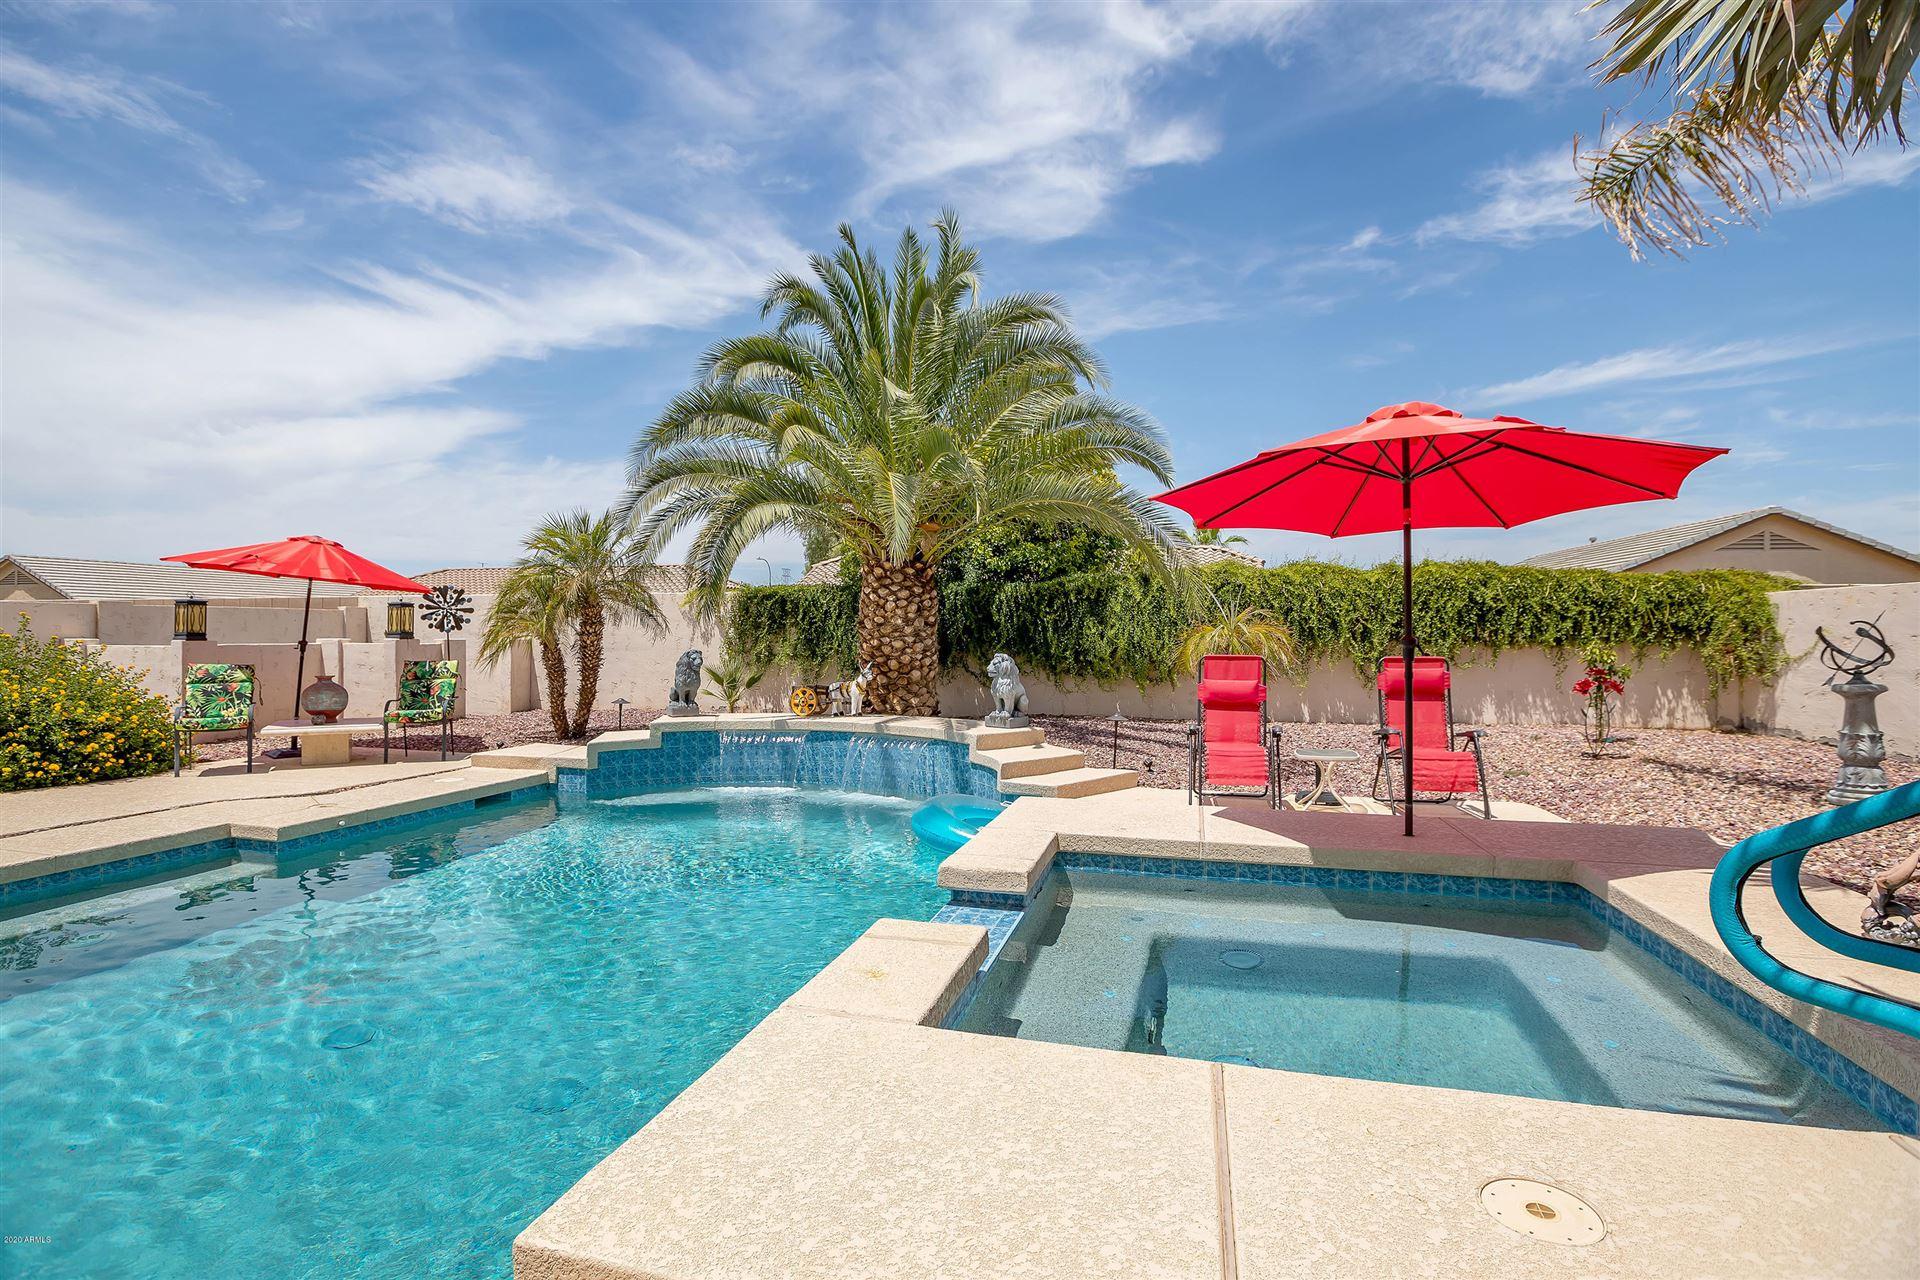 618 S 118TH Lane, Avondale, AZ 85323 - MLS#: 6106262